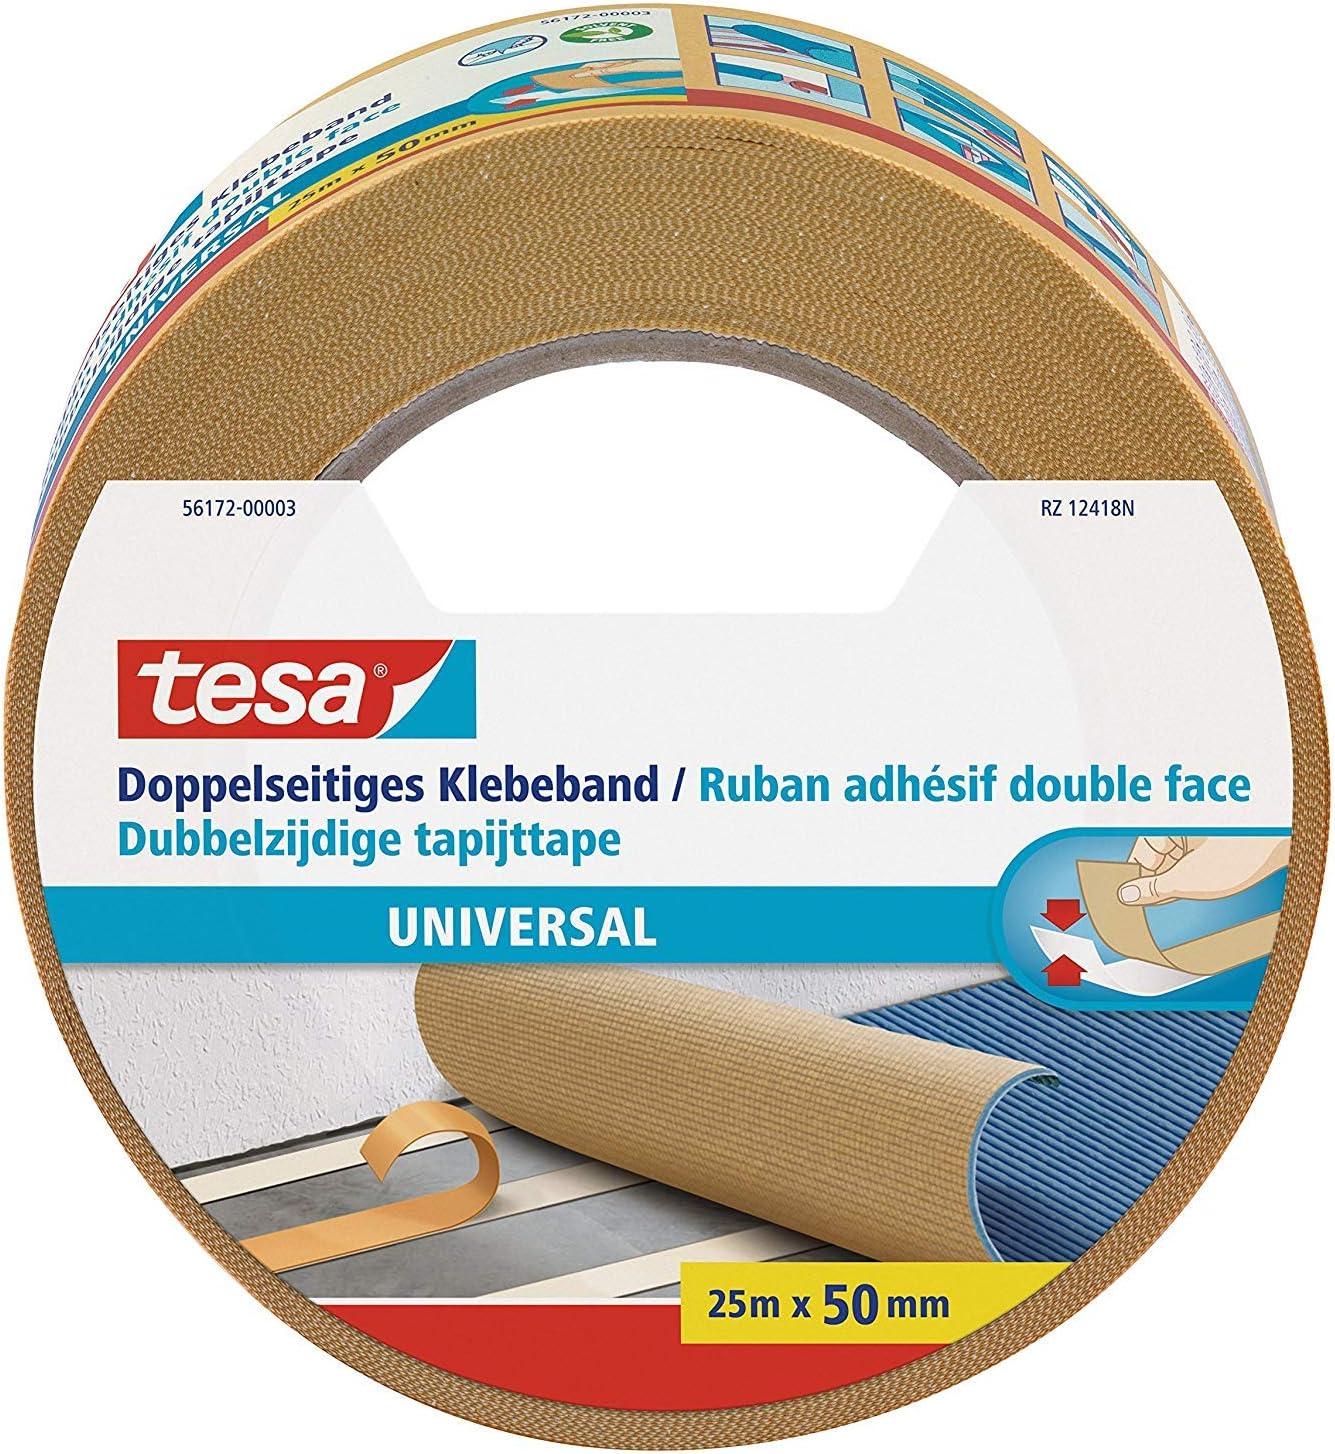 rouleau de 50 m ruban adh/ésif universel pour montage Tesa 4970 Ruban adh/ésif double face en PVC adh/ésif permanent fort fixation largeur s/électionnable